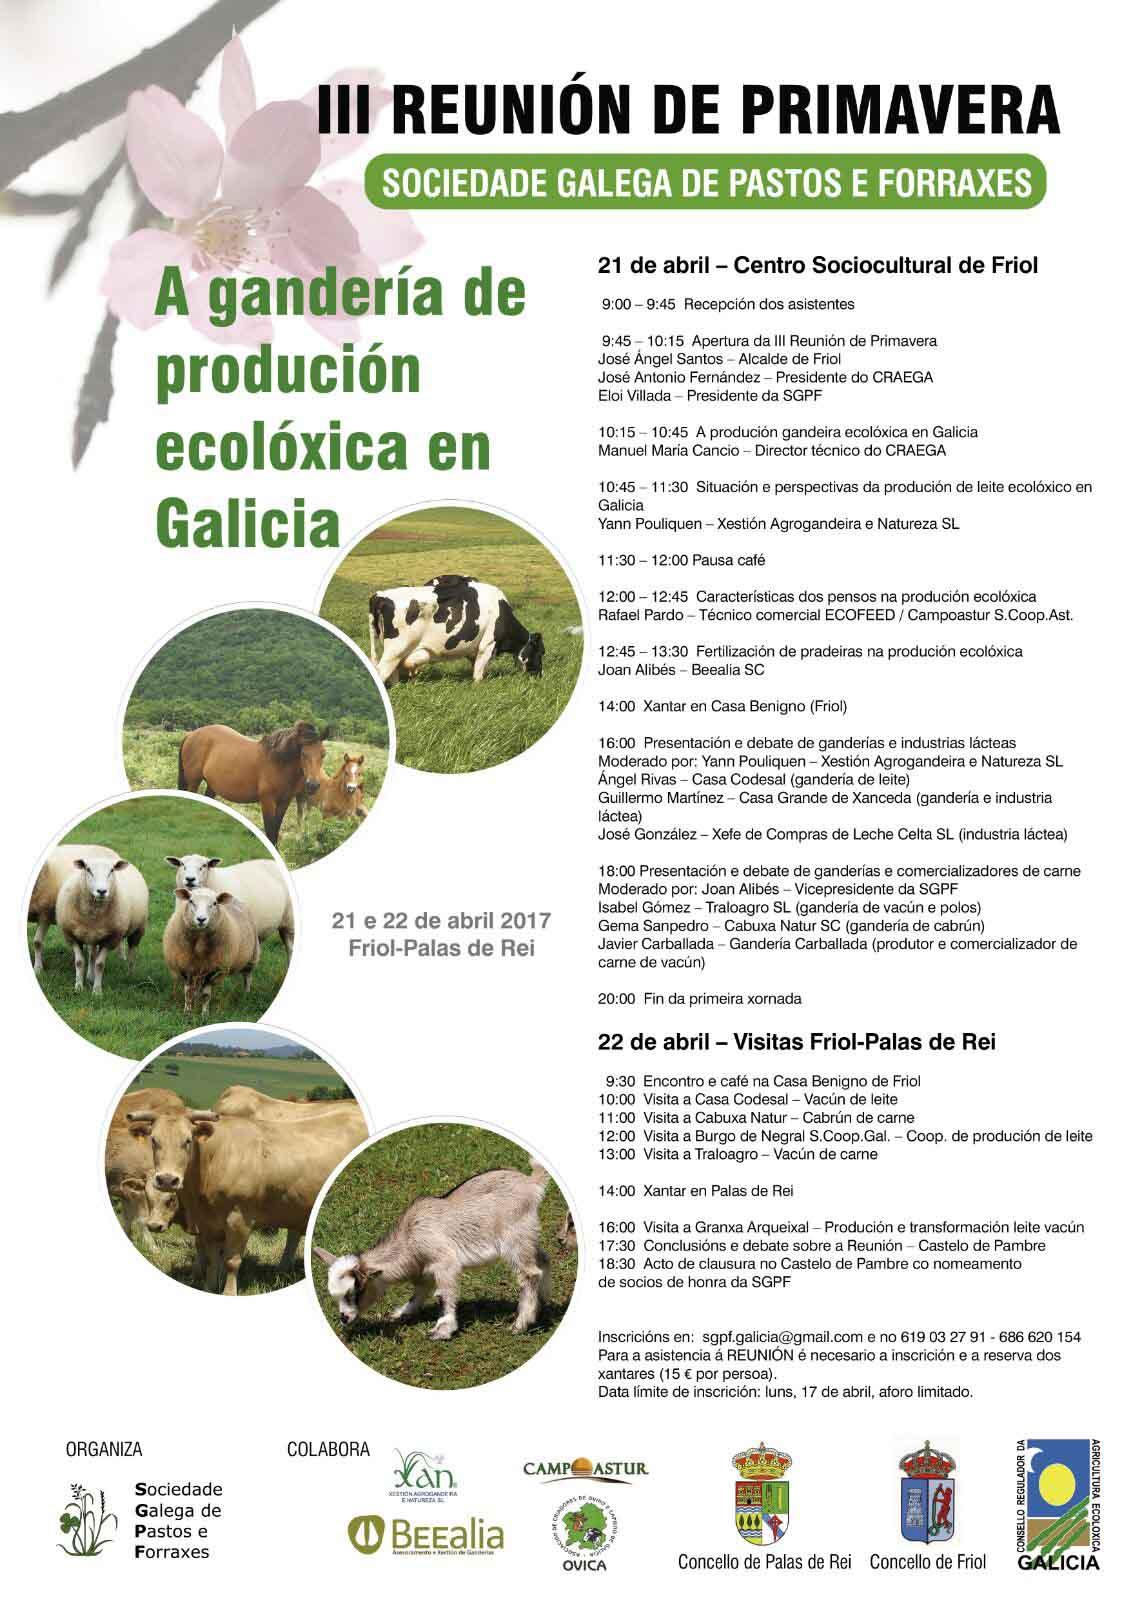 Programa da reunión de primavera da Sociedade Galega de Pastos e Forraxes